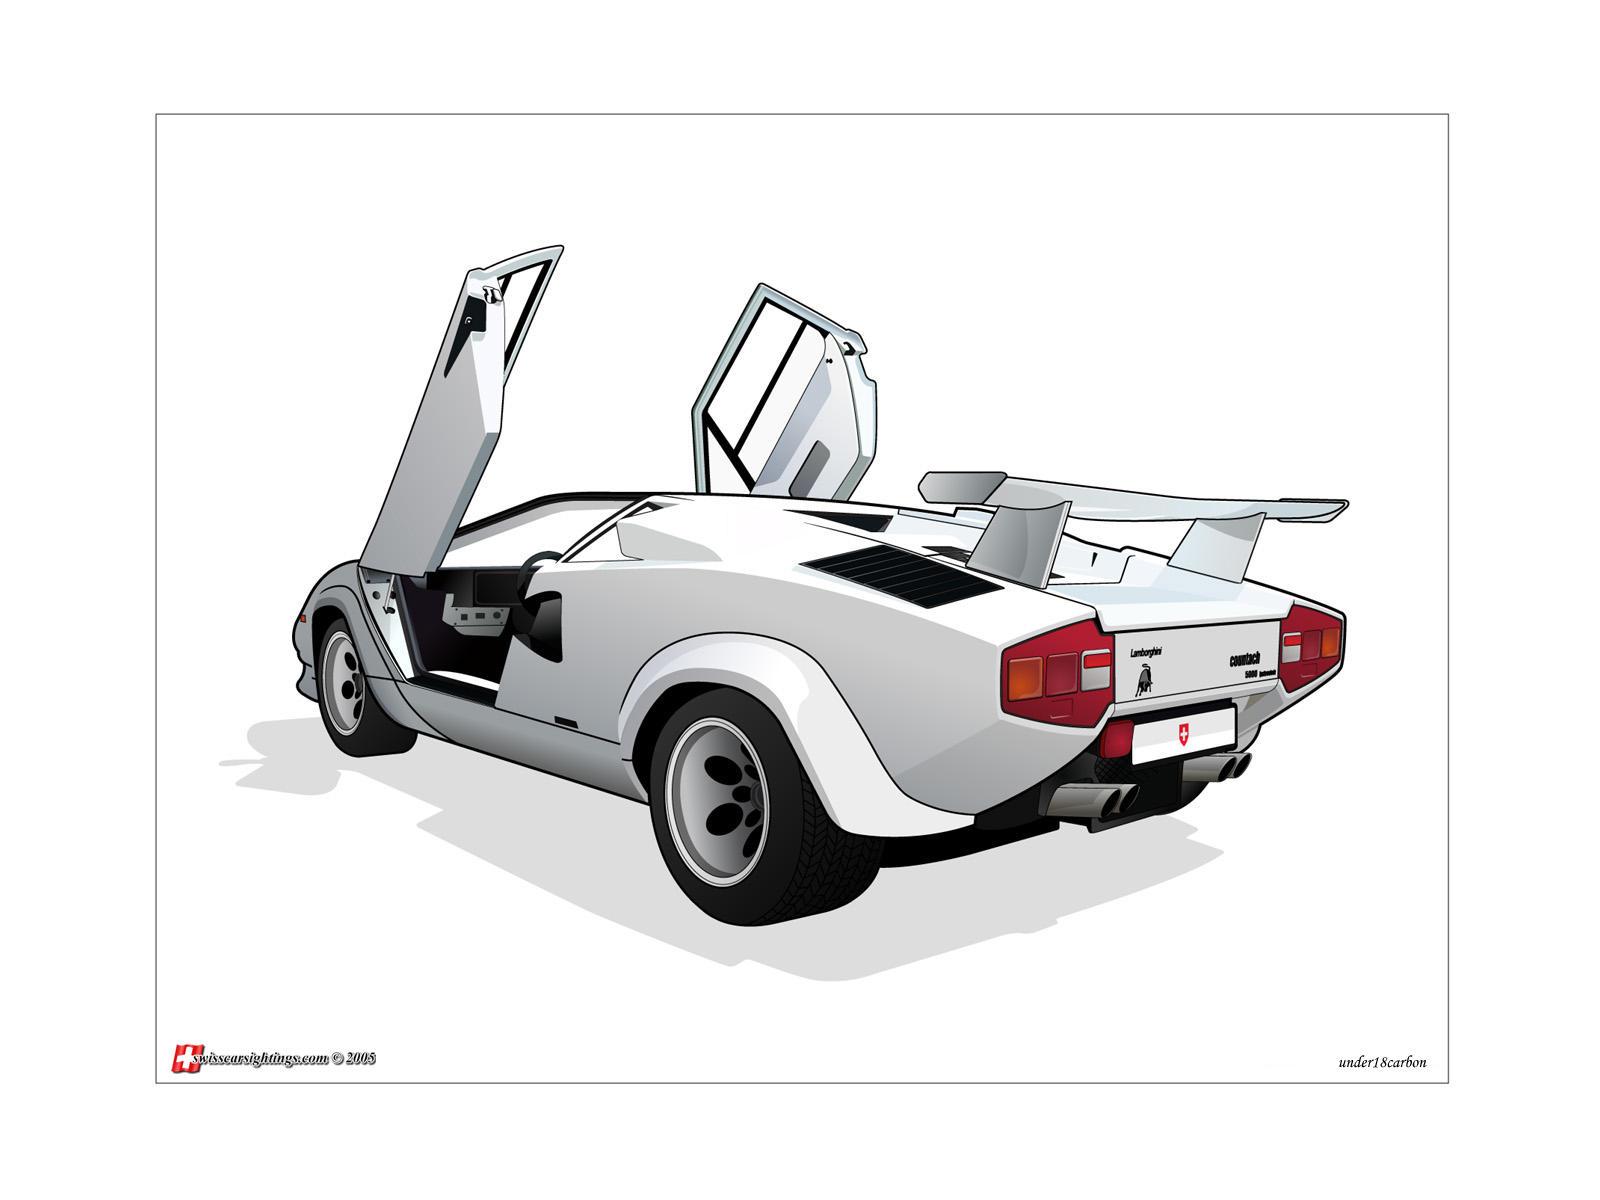 Lamborghini Countach 5000QV by under18carbon